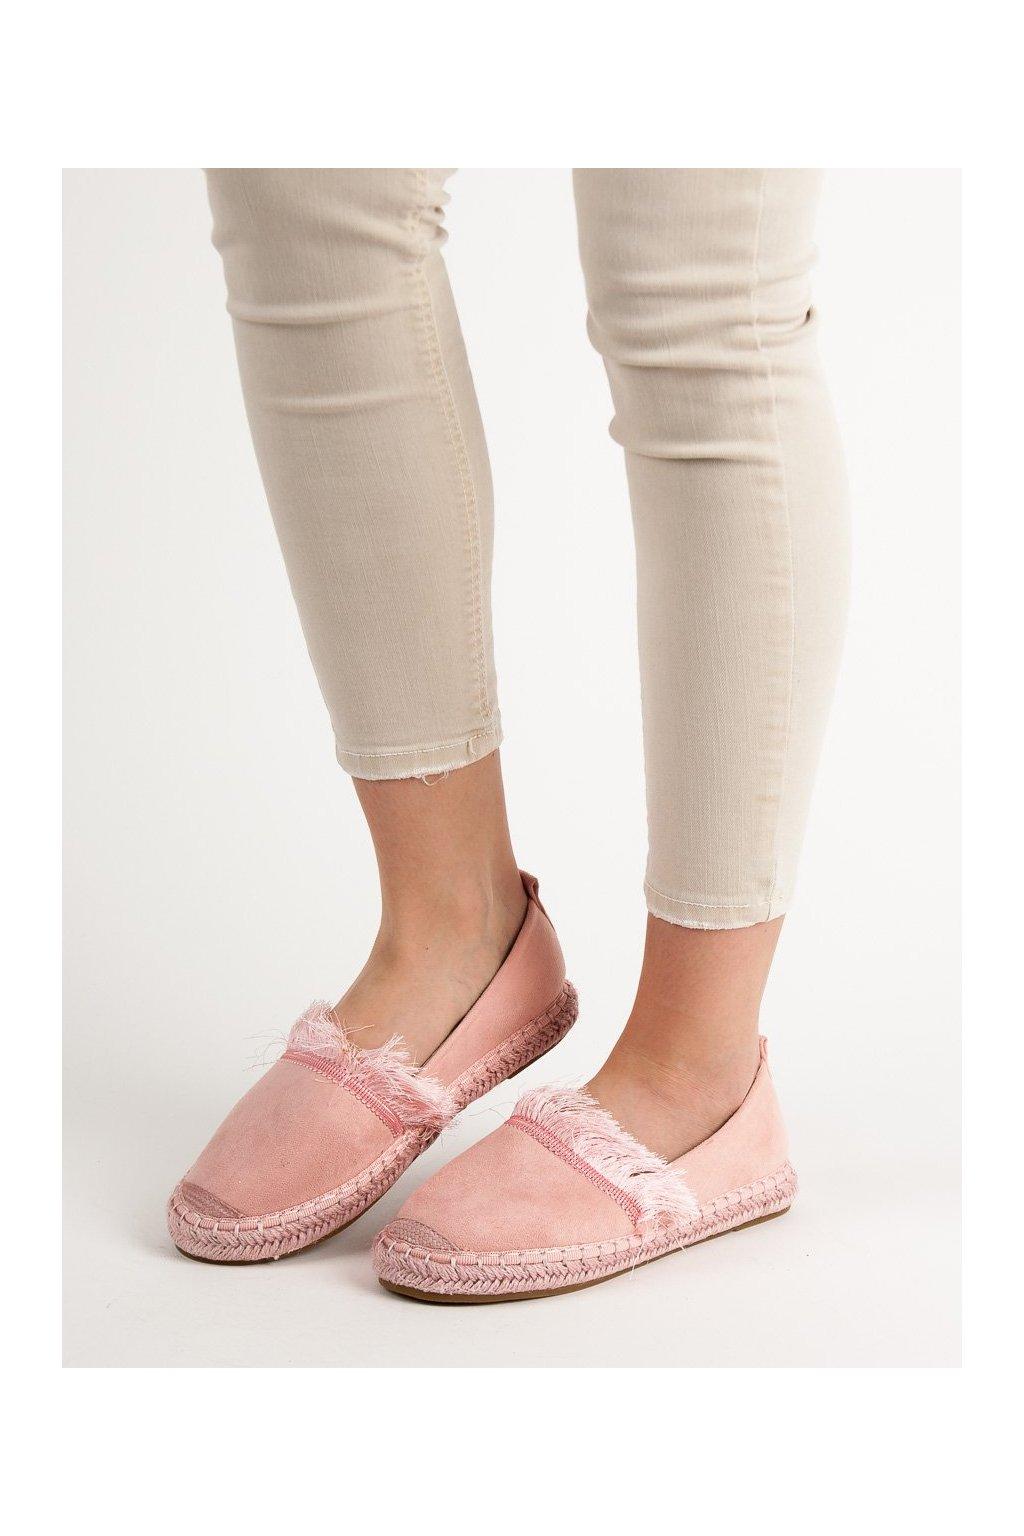 Ružové dámske balerínky Lily shoes kod 7262-20P